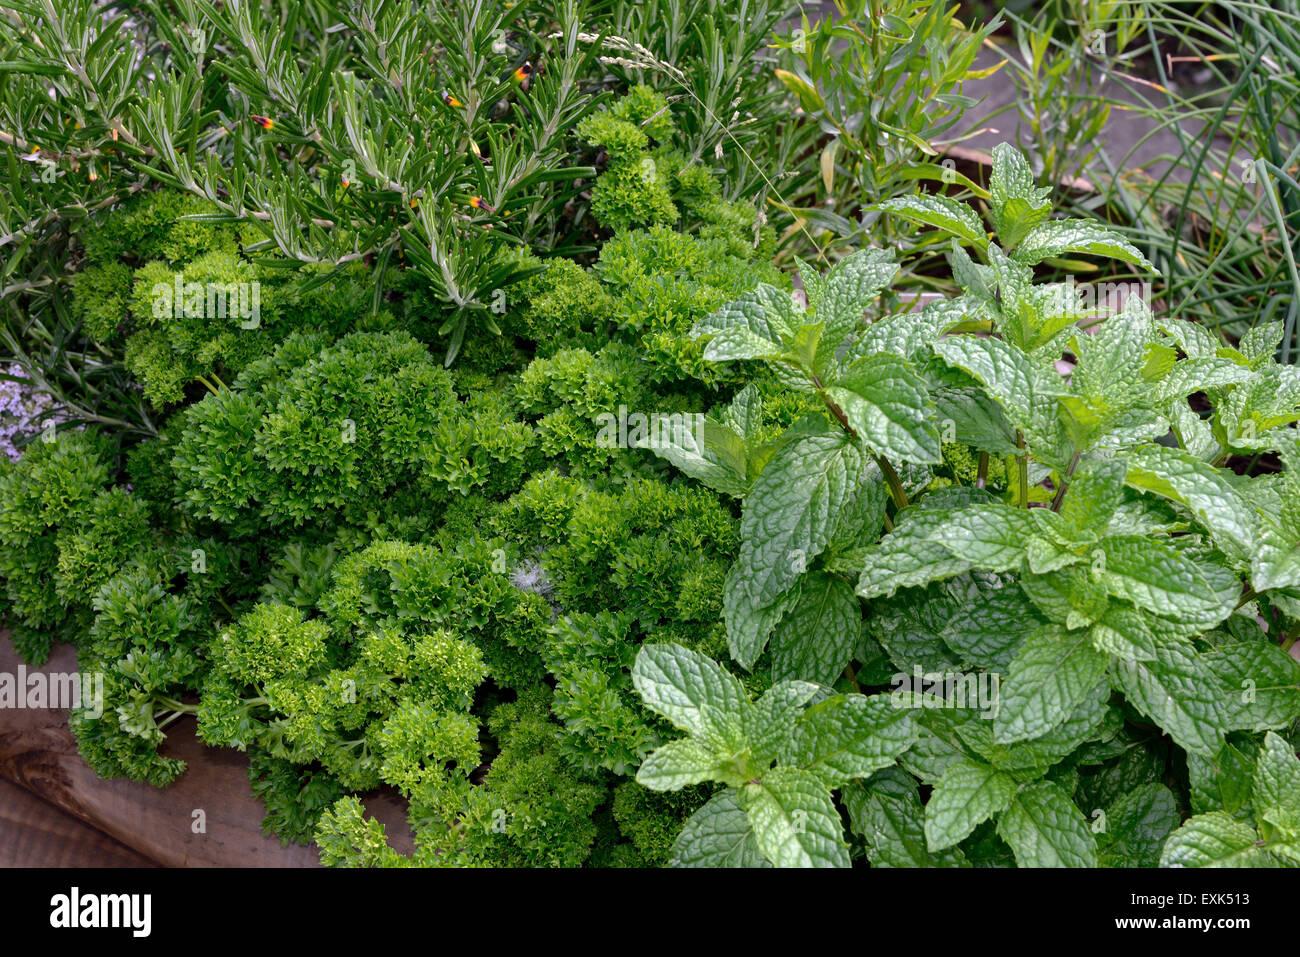 Letto rialzato per le erbe aromatiche, menta, curly foglie di prezzemolo e rosmarino per uso in cucina Immagini Stock